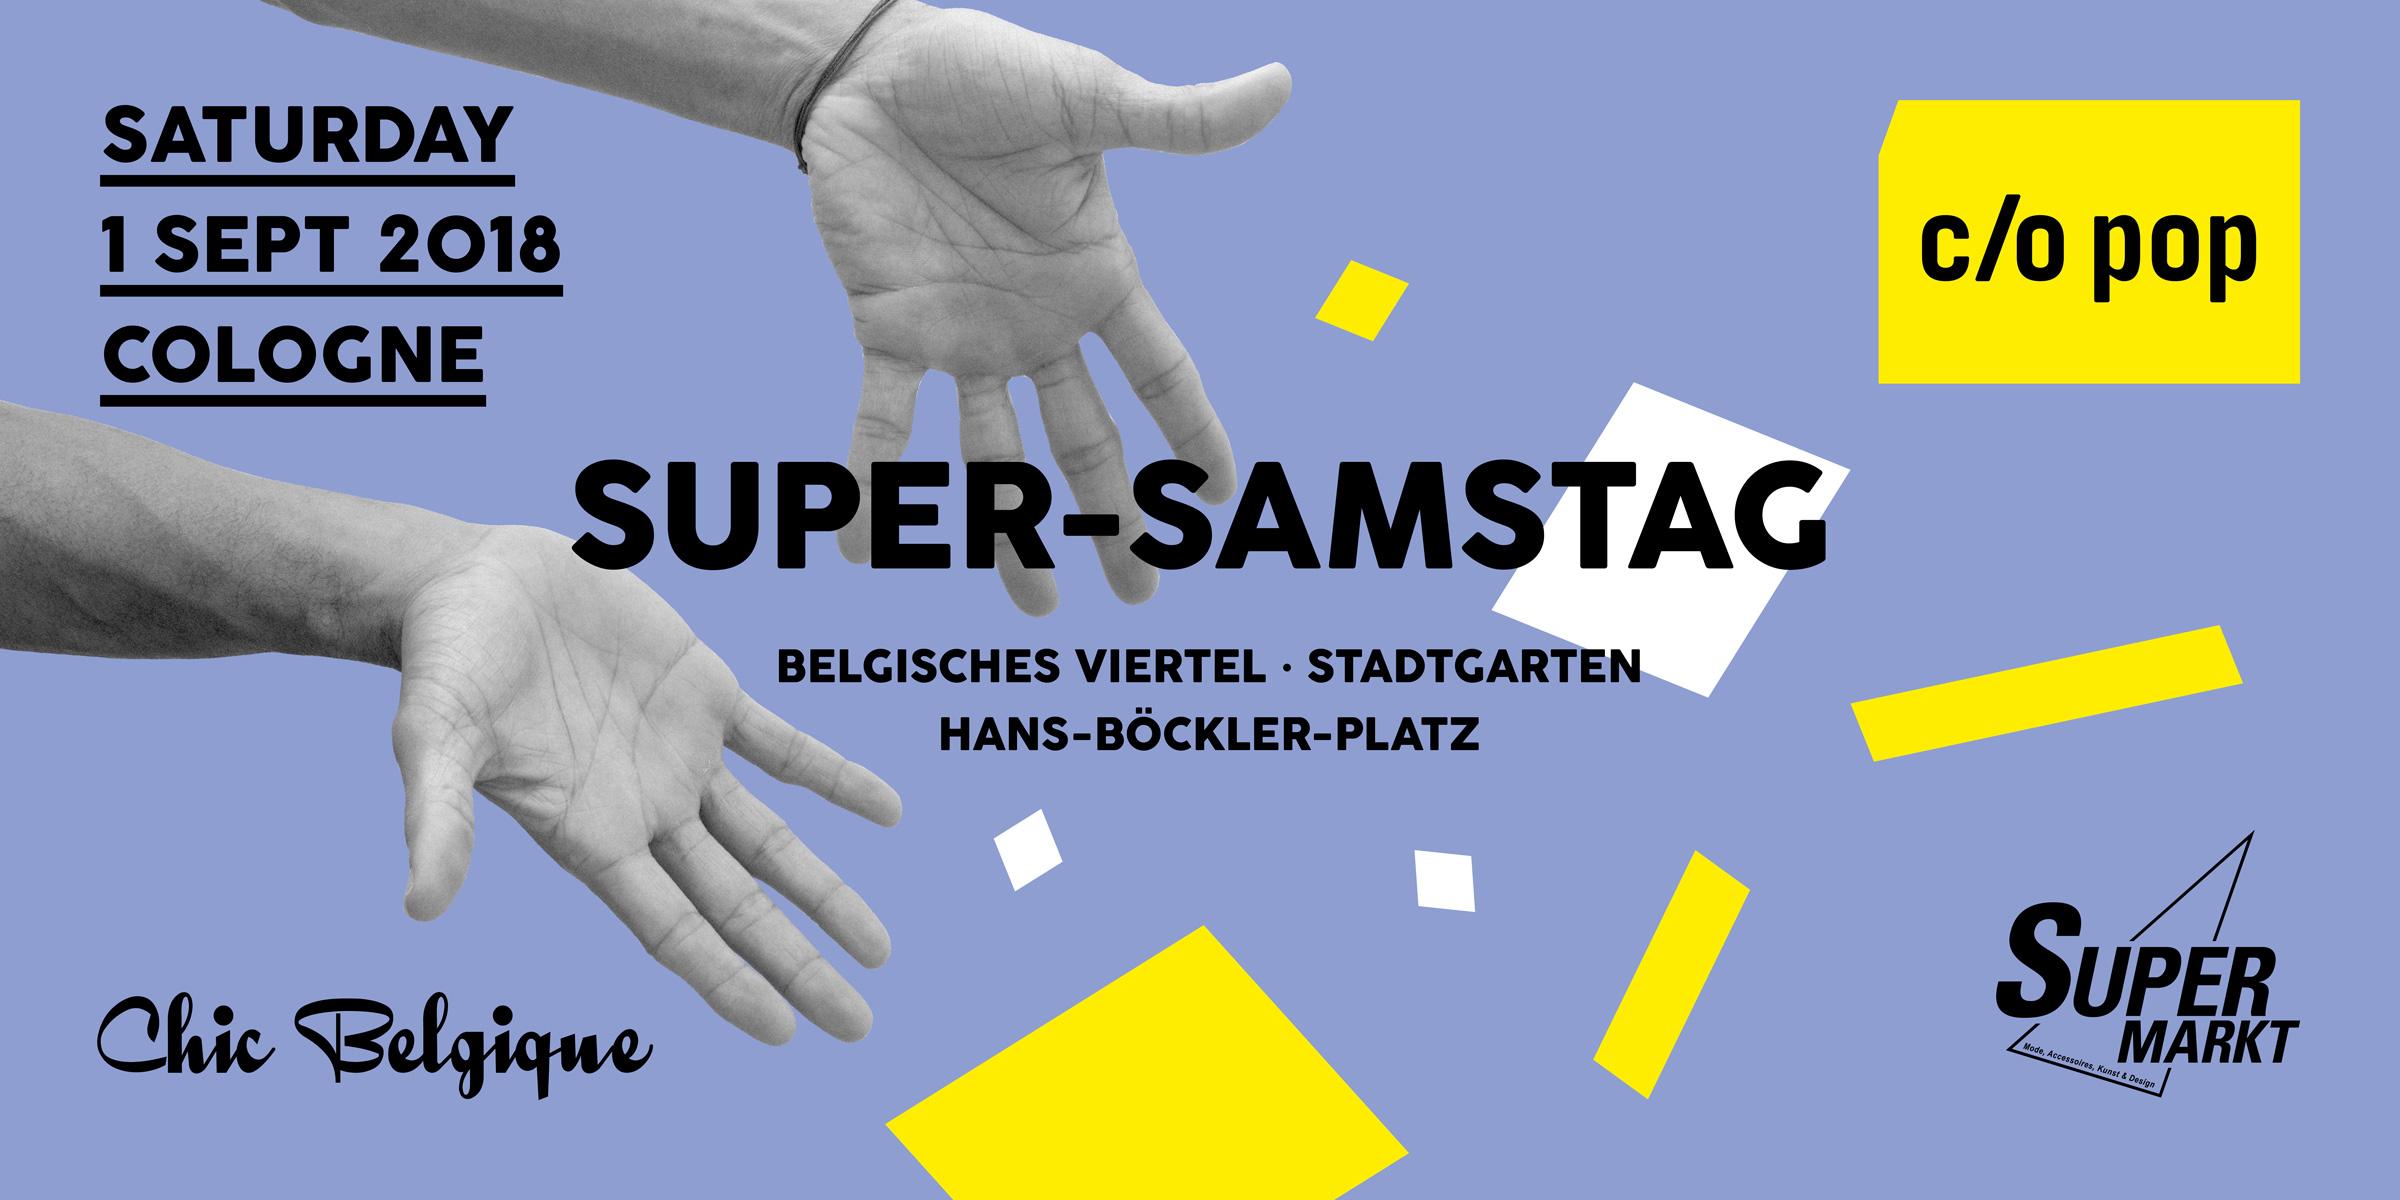 Chic Belgique c/o pop Super-Samstag